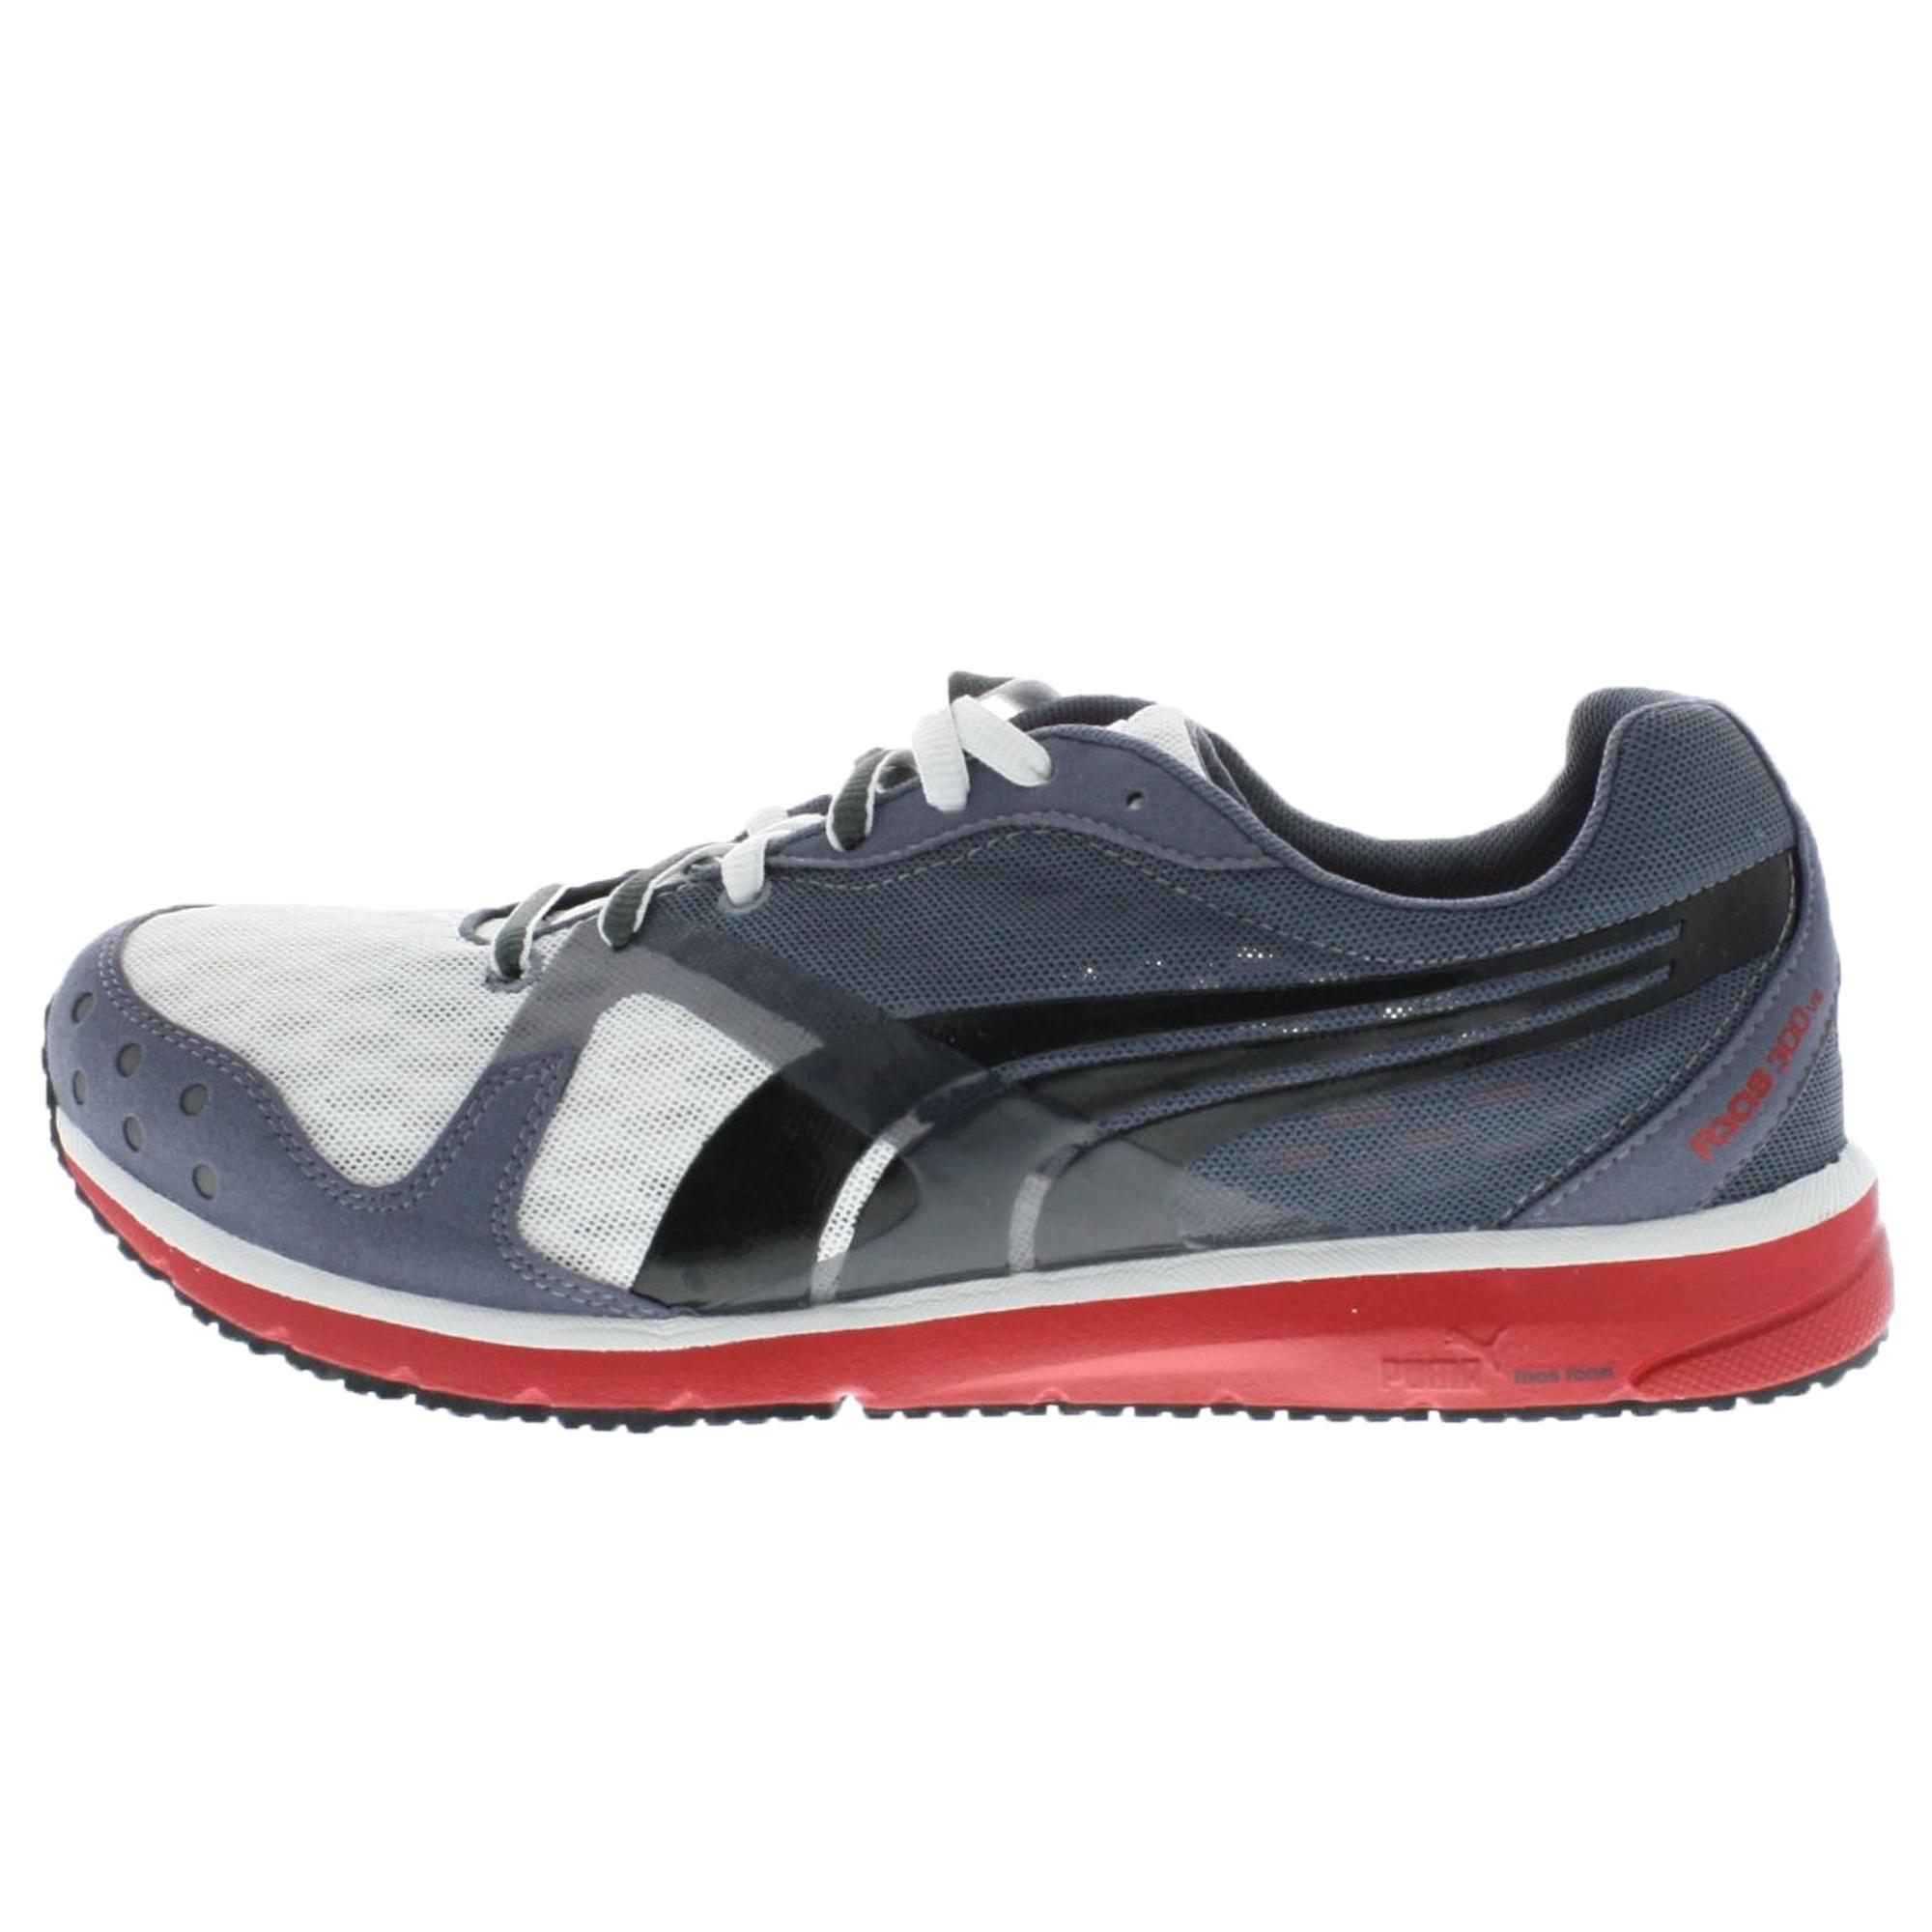 0da179e6053 Puma Faas 300 V2 Erkek Spor Ayakkabı  186492-15 - Barcin.com